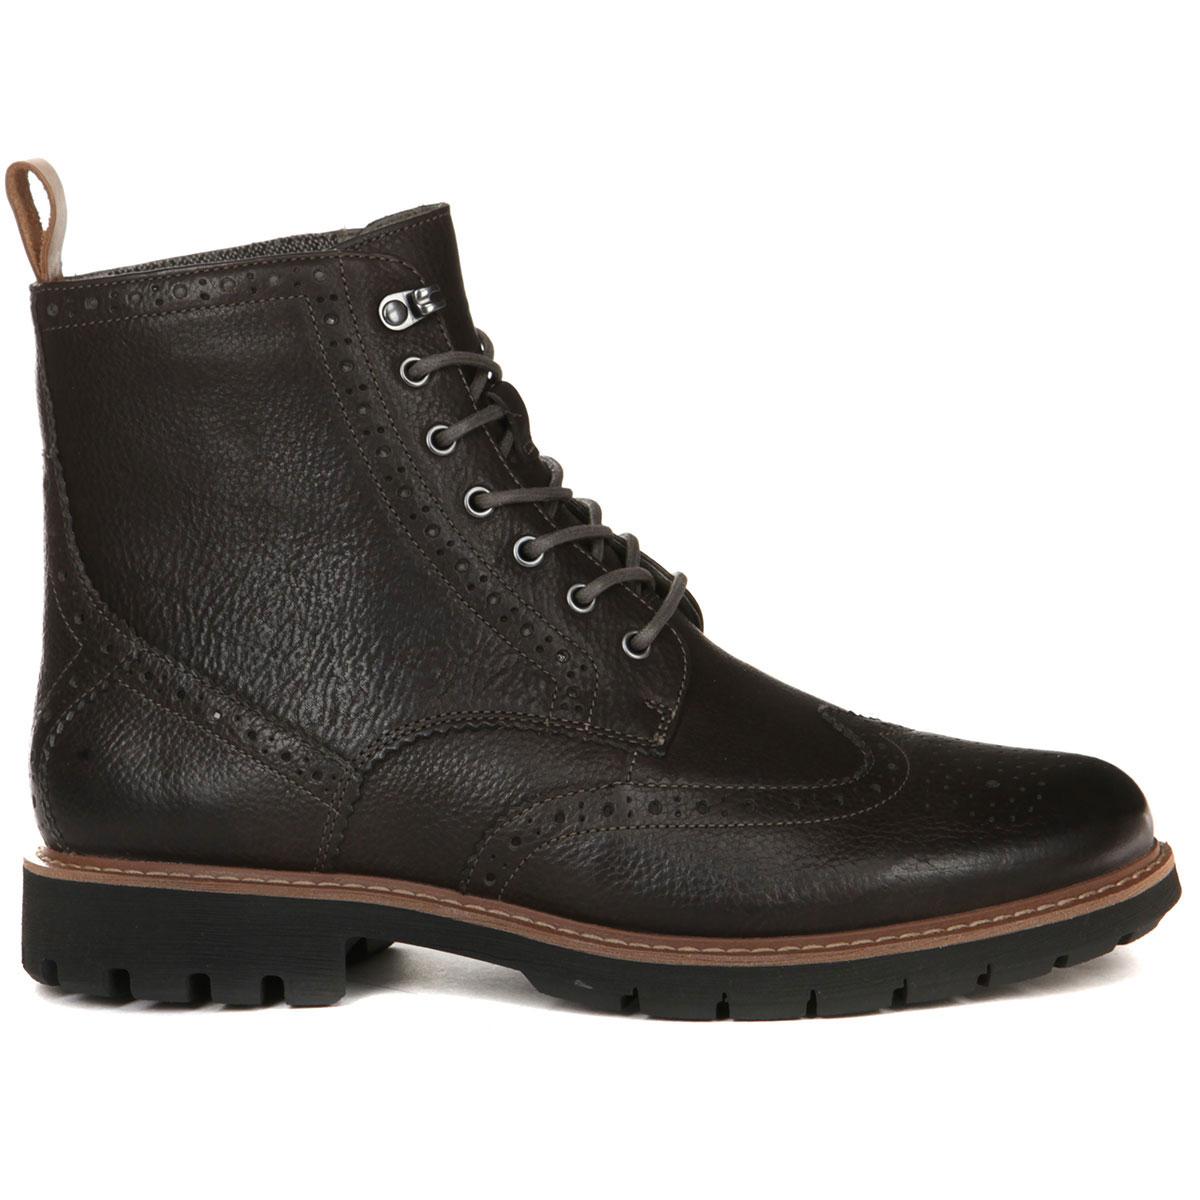 239cc74d2 Купить ботинки Clarks Batcombe Lord серые (26137849) в интернет ...